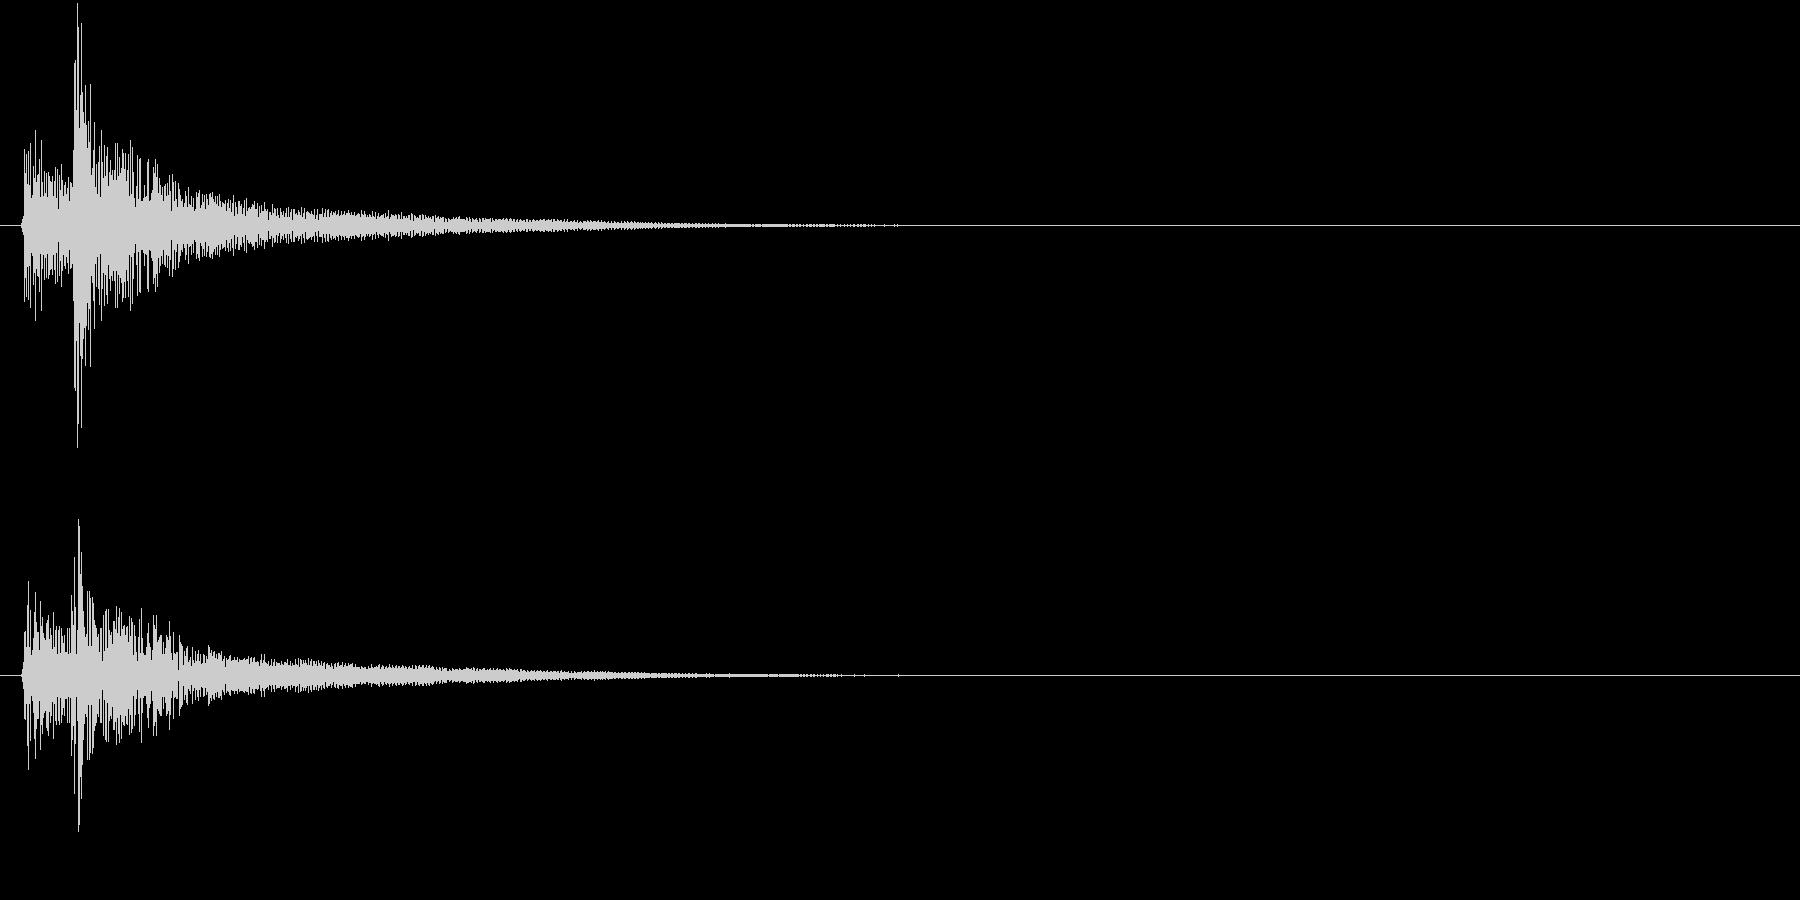 【生録音】お茶碗に箸が当たる音 単発 1の未再生の波形